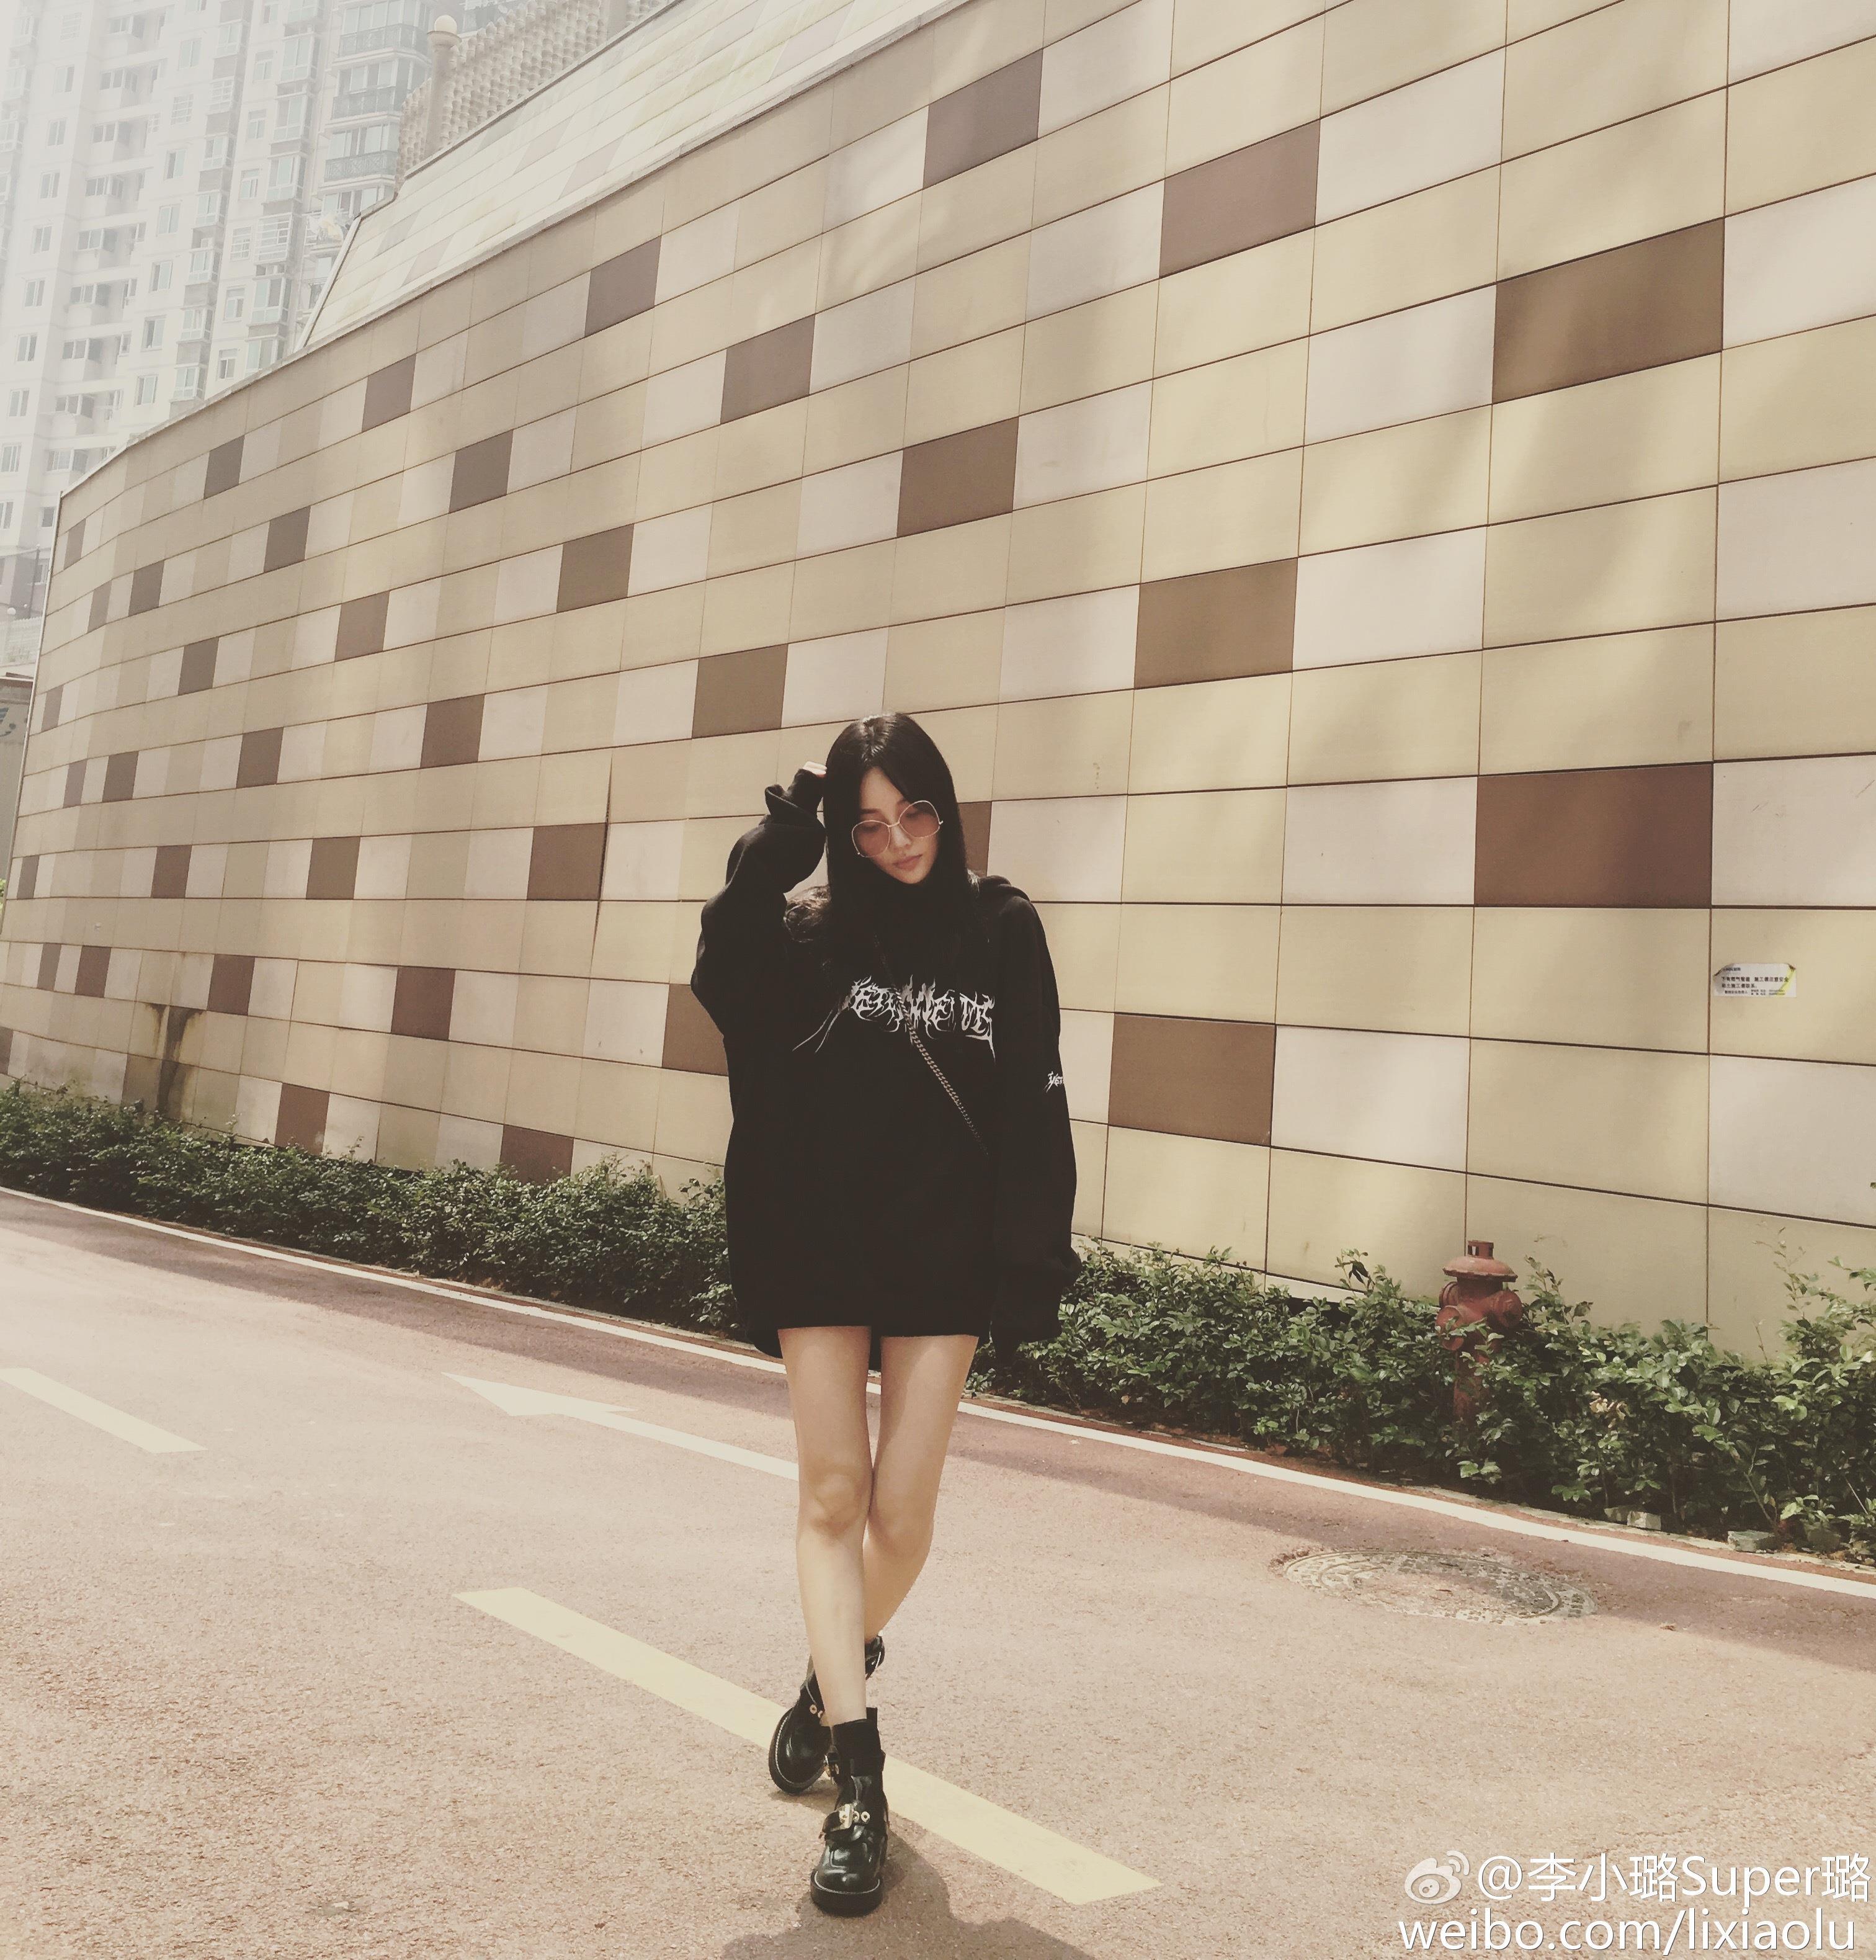 李小璐穿黑衣露细长美腿